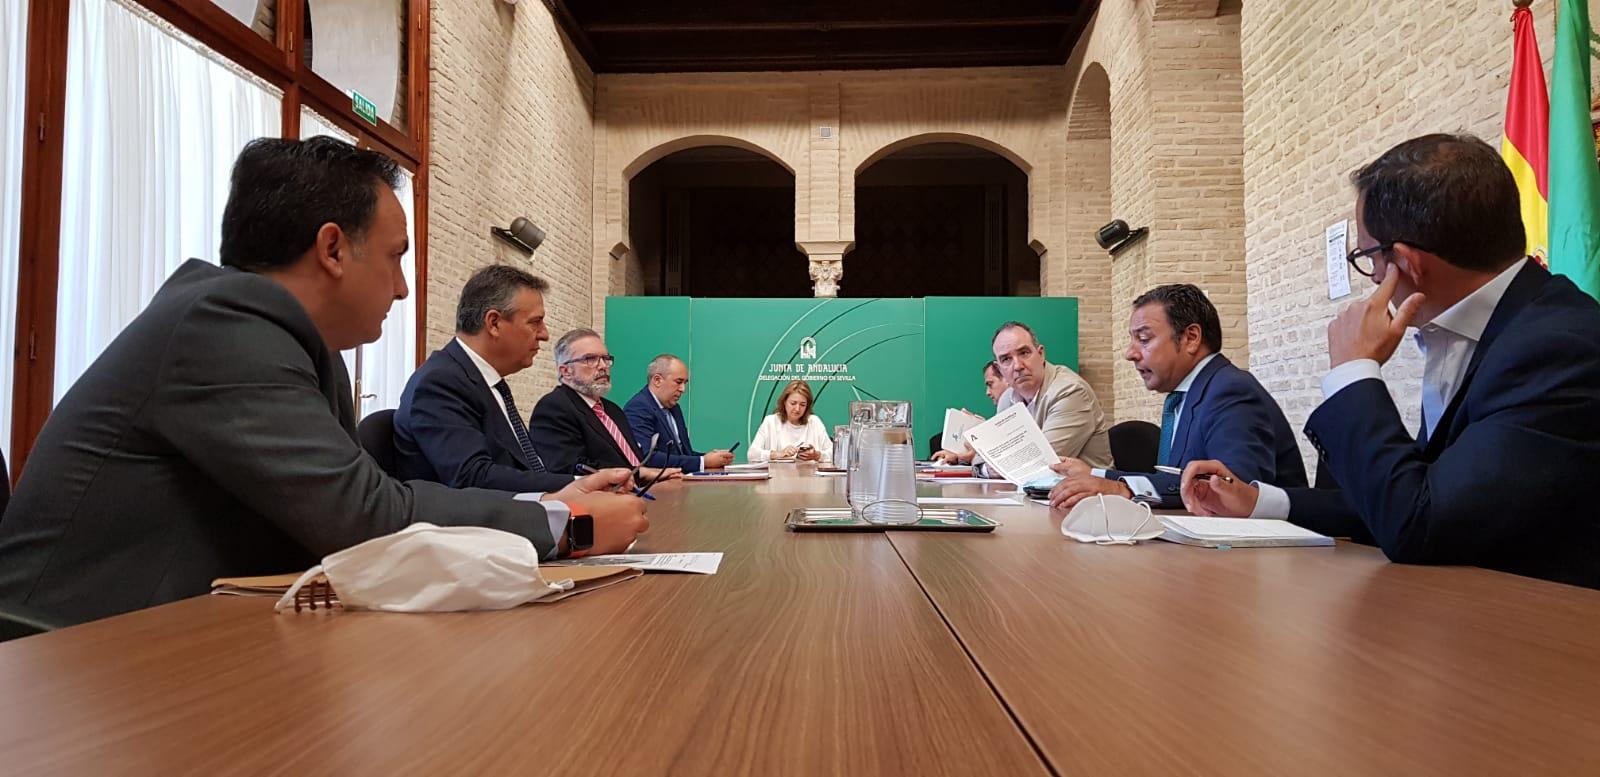 Reunión entre la delegación de la Junta, el Comisionado del Polígono Sur, Endesa y la Agencia Andaluza de la Energía